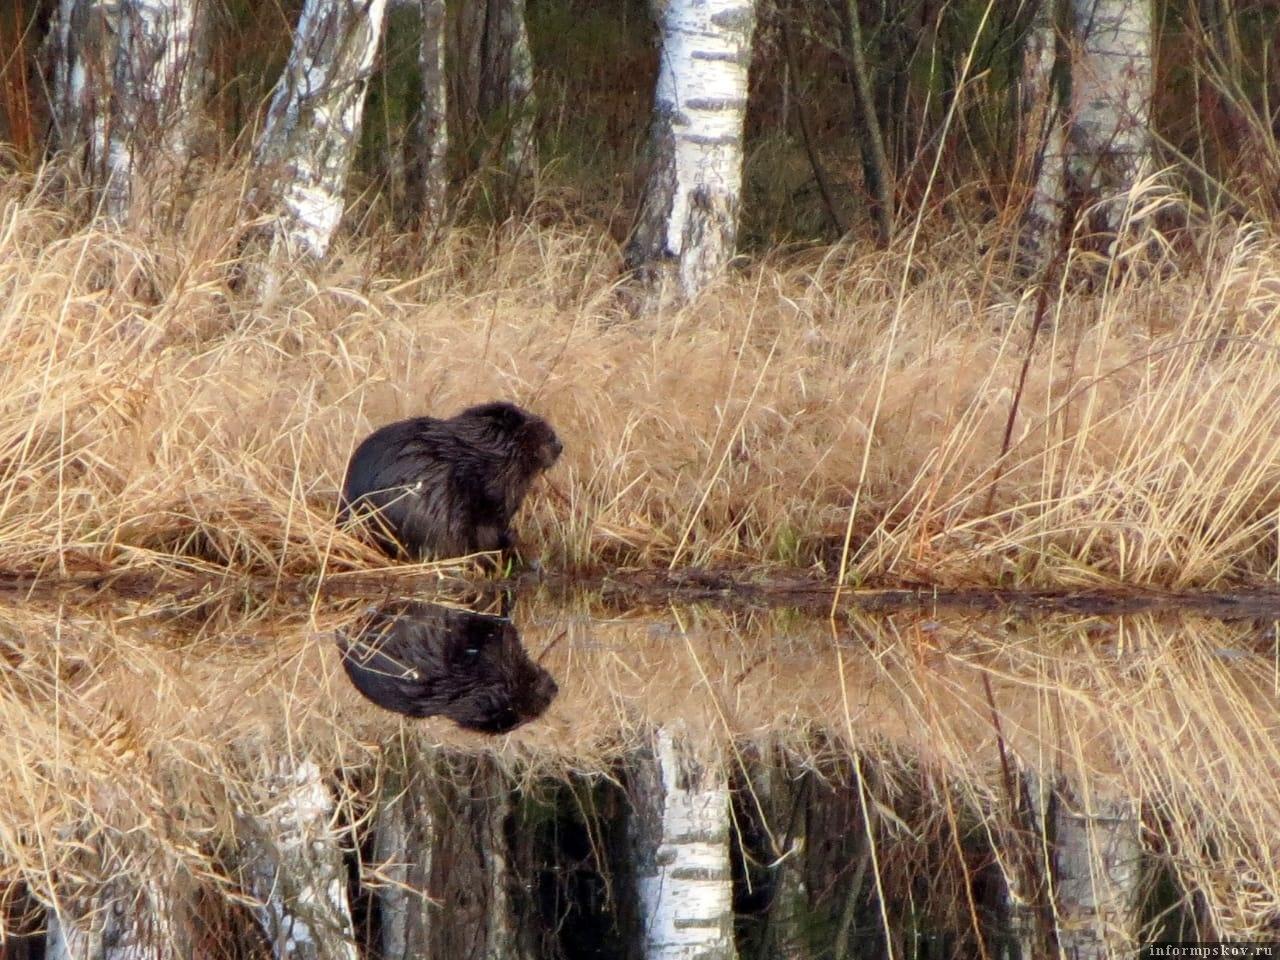 Бобров на Желче много и свою территорию они охраняют строго. Фото автора.